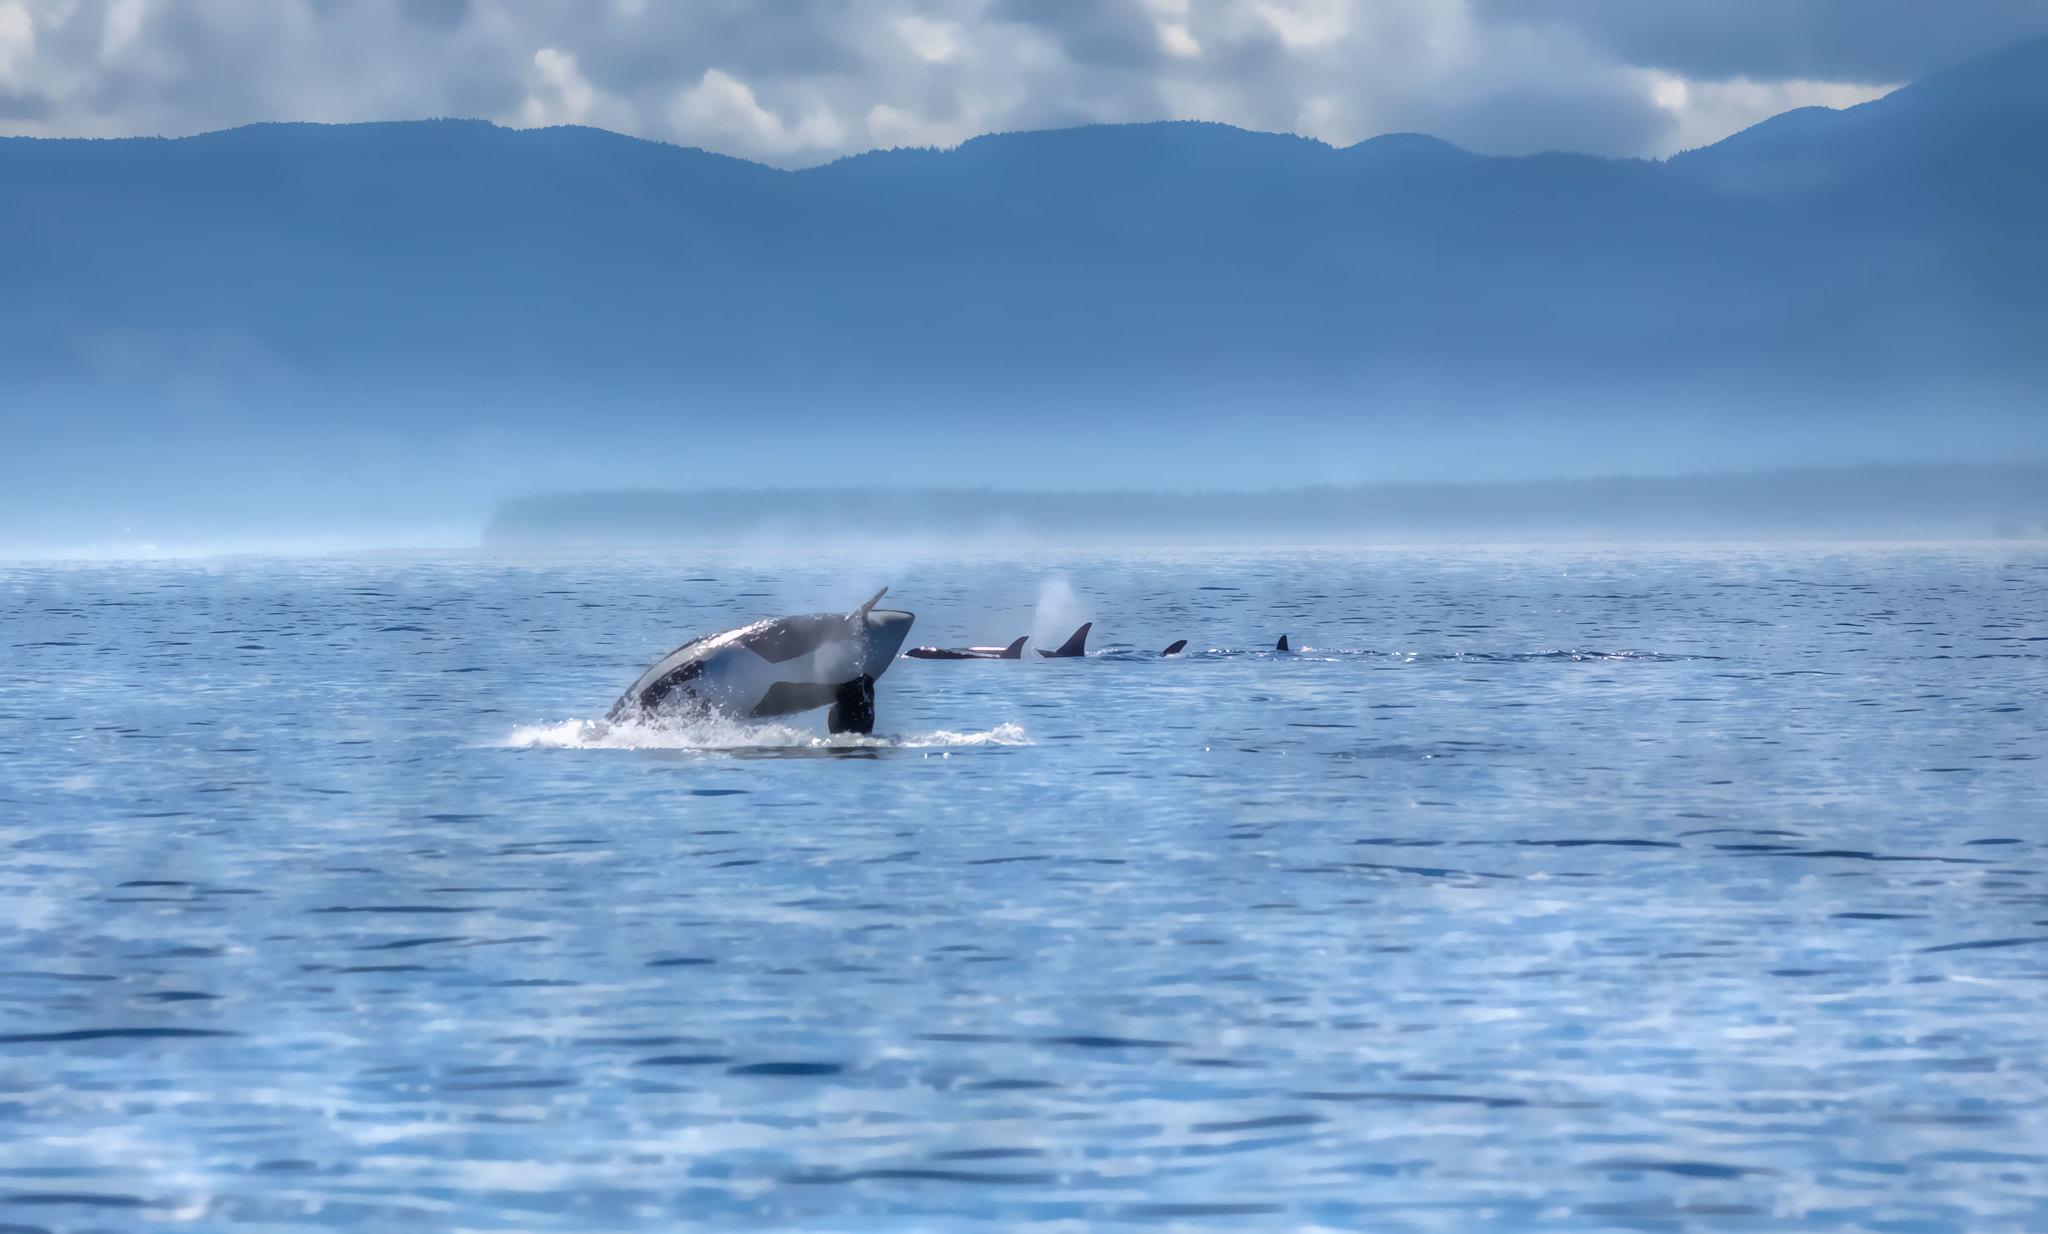 Kaikōura Whale Watching New Zealand